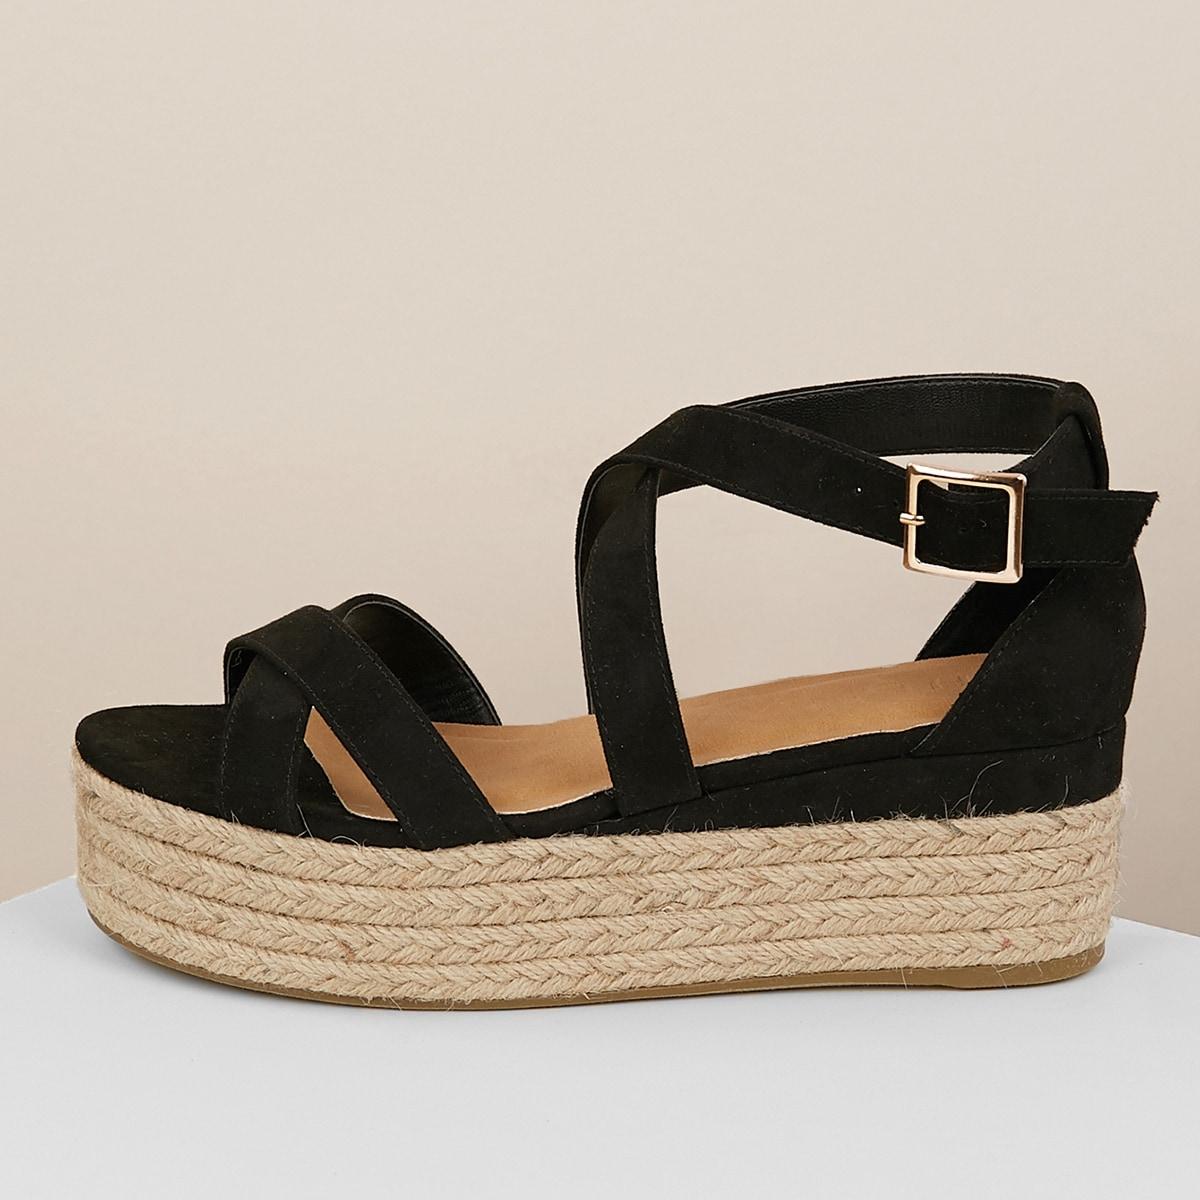 Джутовые сандалии с ремешком на лодыжке